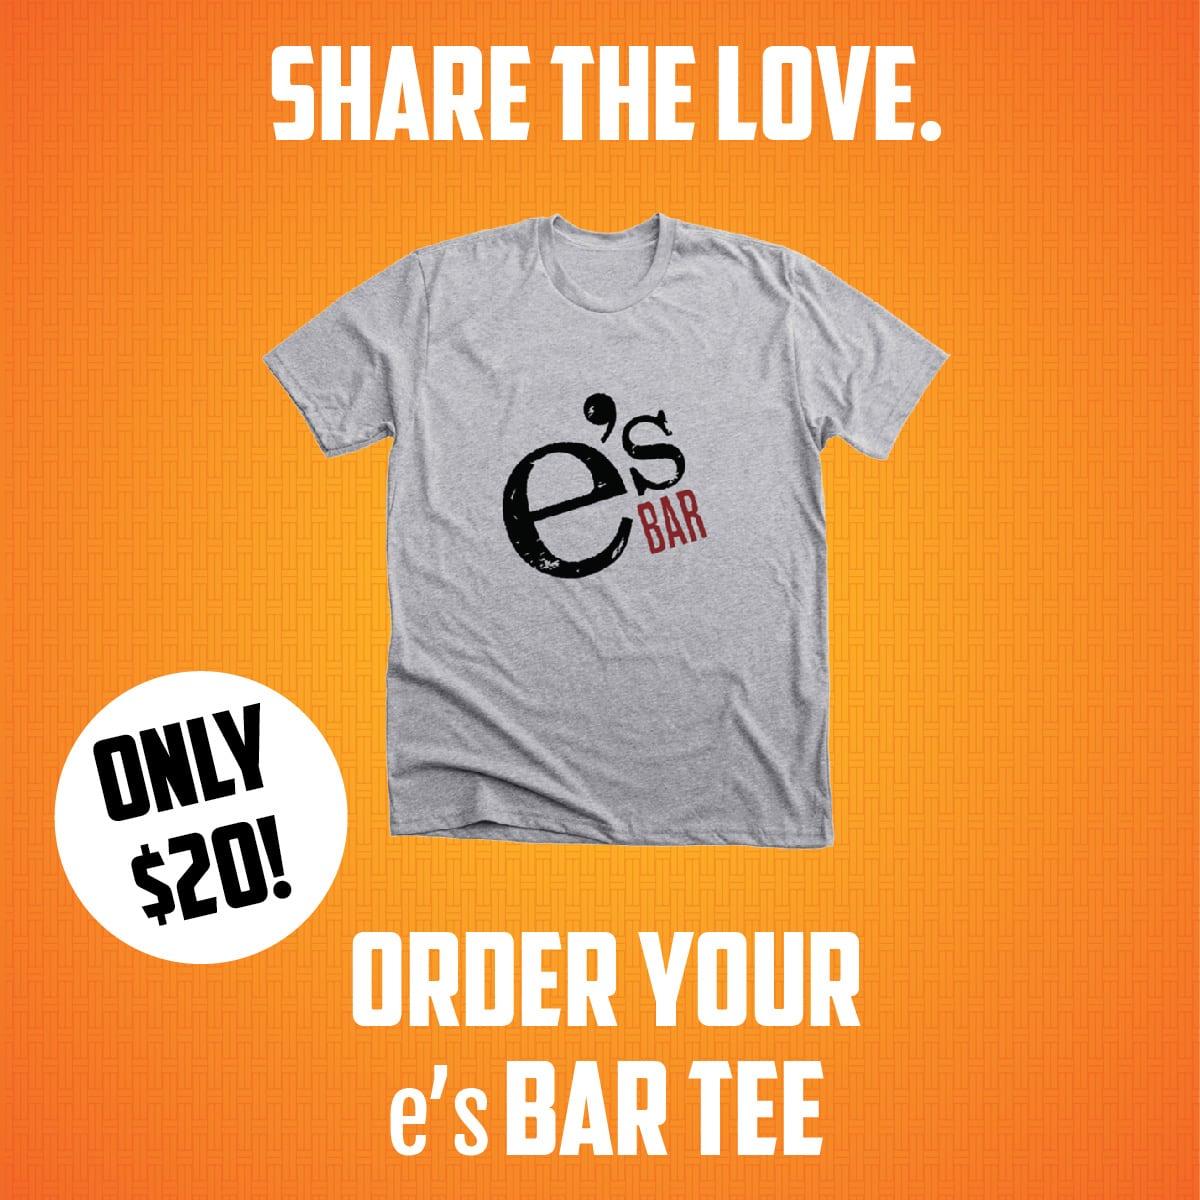 Order an e's BAR T-Shirt